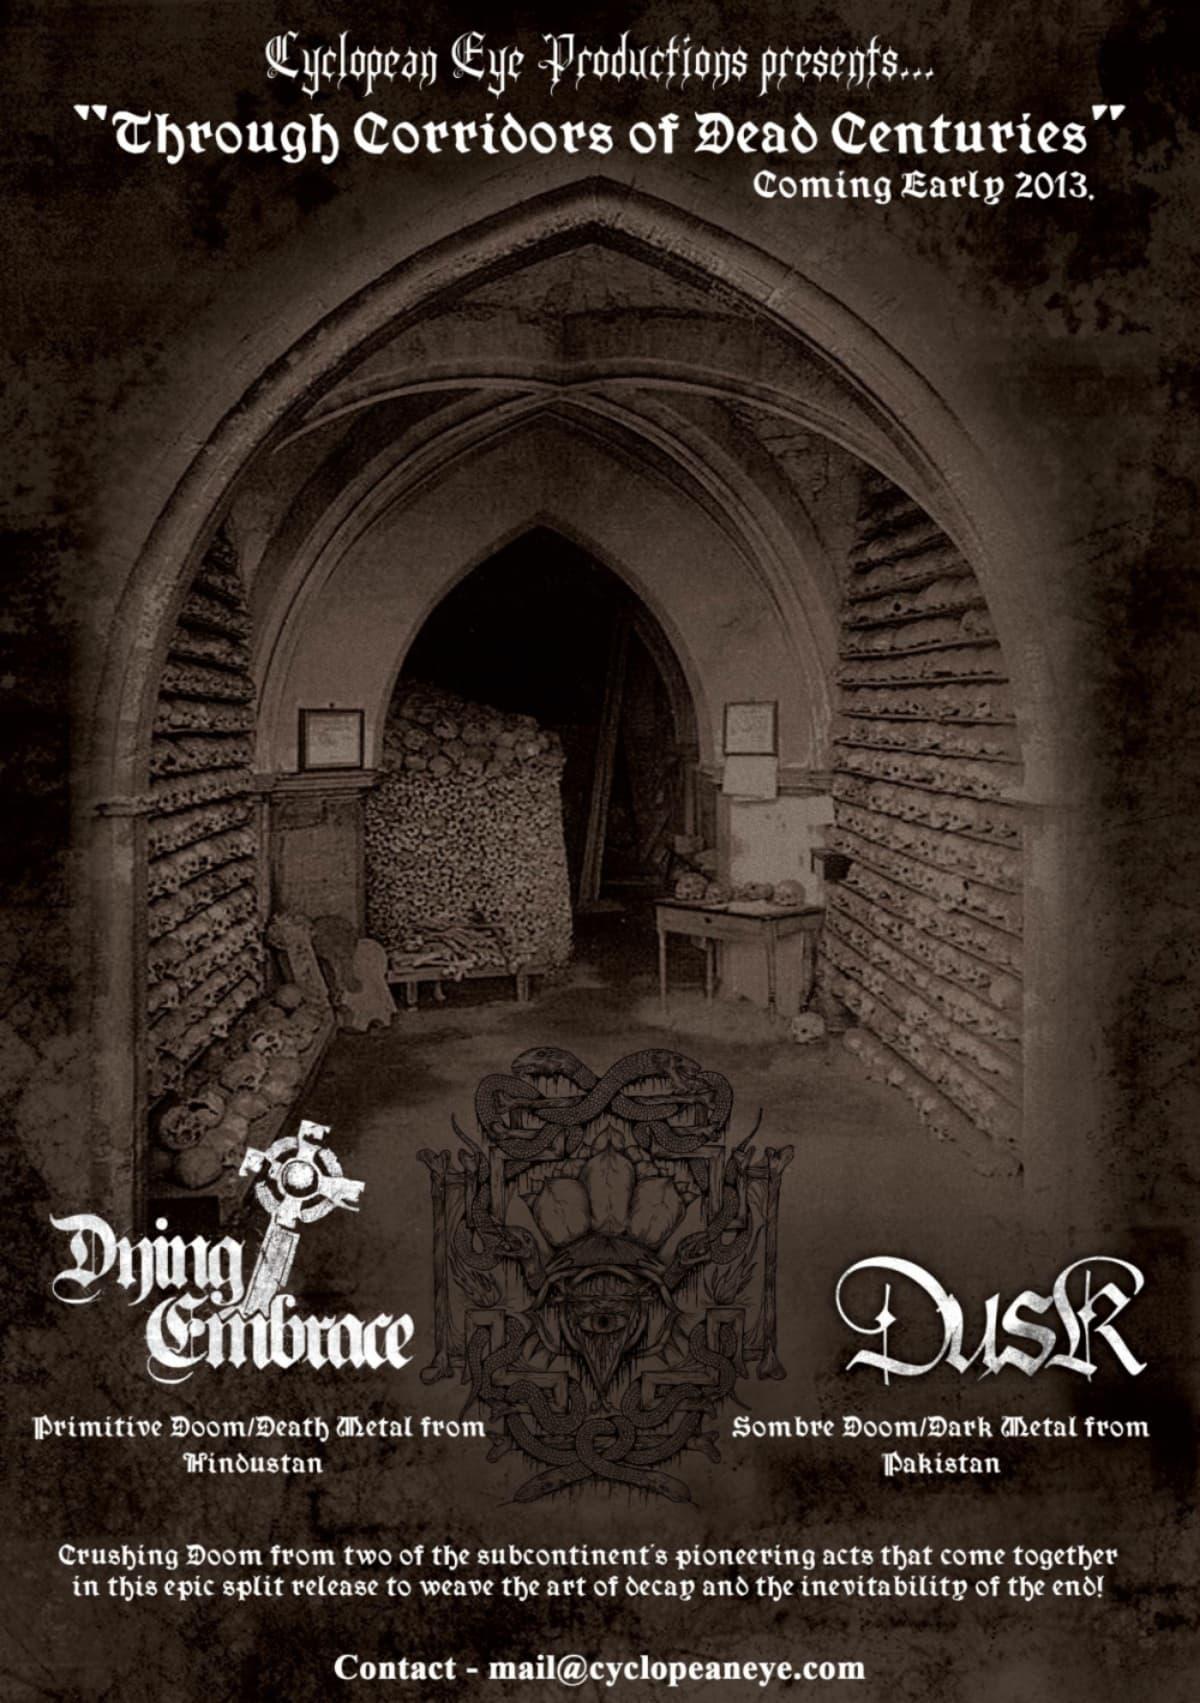 The artwork for Dusk's last album, Through Corridors of Dead Centuries